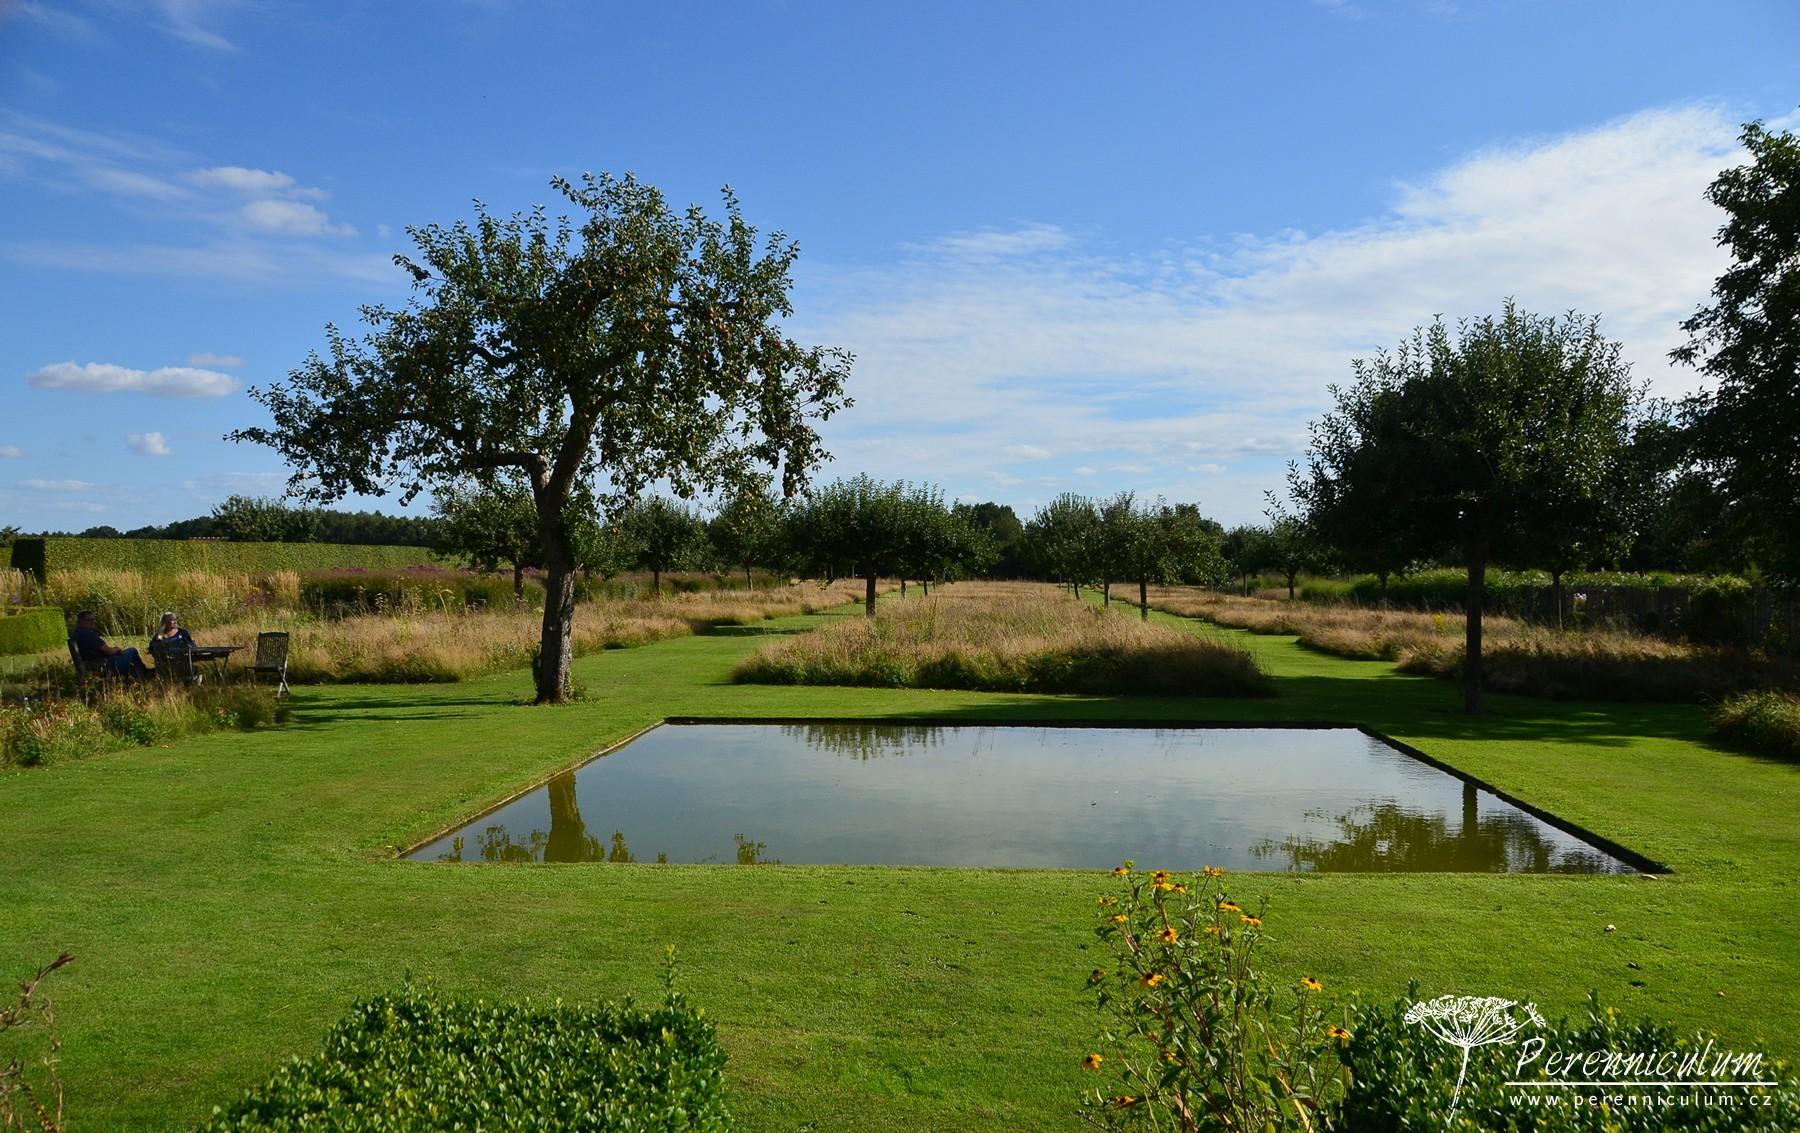 Starému sadu majitelé vtiskli určitou formálnost nízce sečenými pruhy trávníku a čtverci lučních společenstev. Čtvercová vodní plocha jen podtrhuje tento jednoduchý koncept.